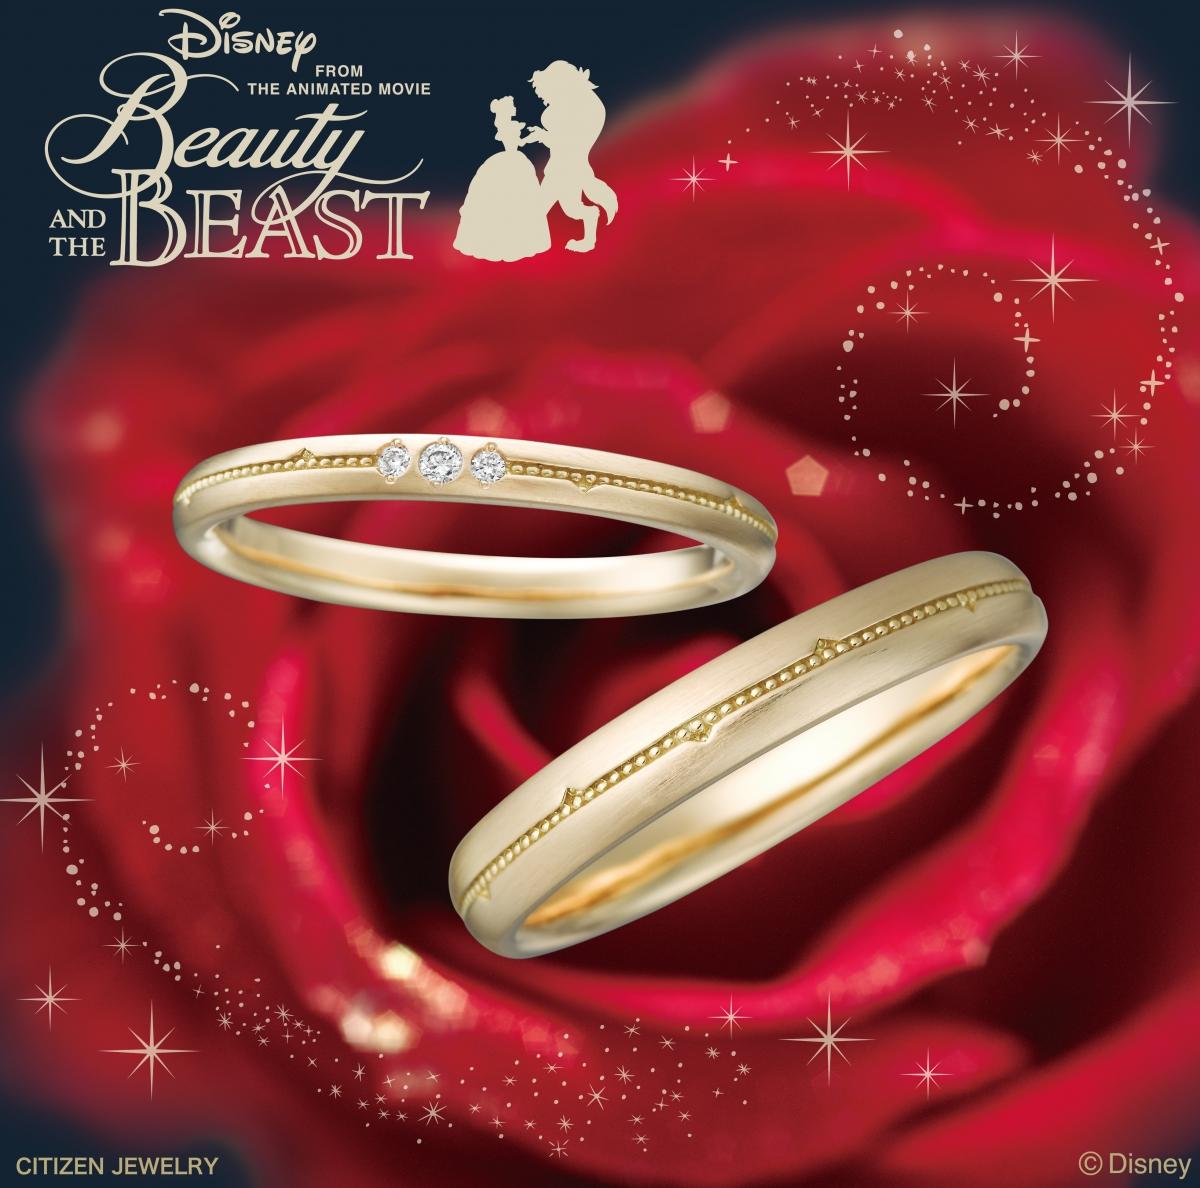 Rose Dome 美女と野獣の婚約指輪と結婚指輪 ディズニー